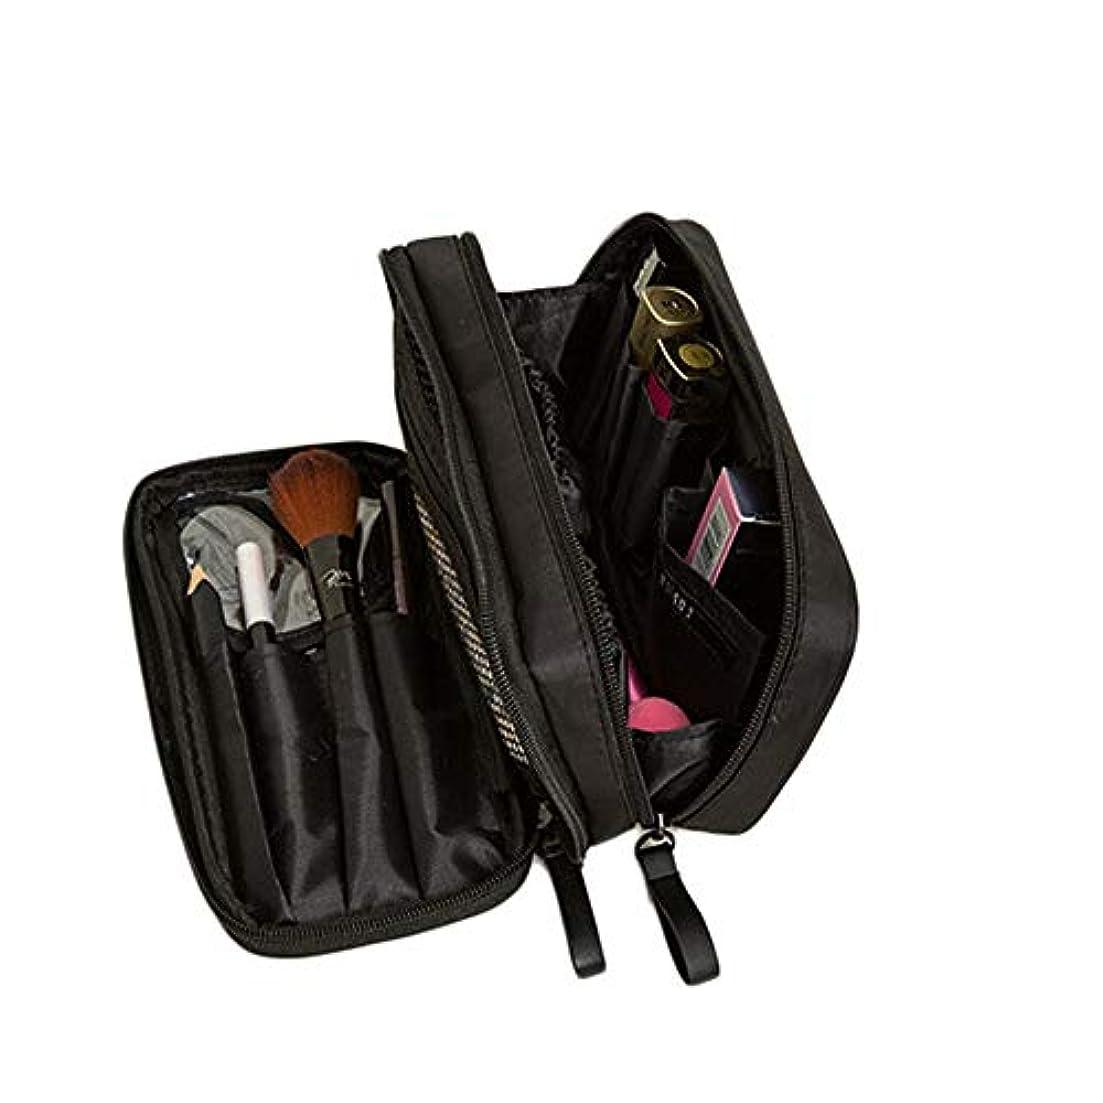 回る離れて床を掃除する特大スペース収納ビューティーボックス 携帯用化粧品袋、専門の化粧品袋の札入れの旅行者の密集した二重層化粧品/化粧品のブラシ袋の女性、旅行/電車セットの貯蔵袋。 化粧品化粧台 (色 : ブラック)